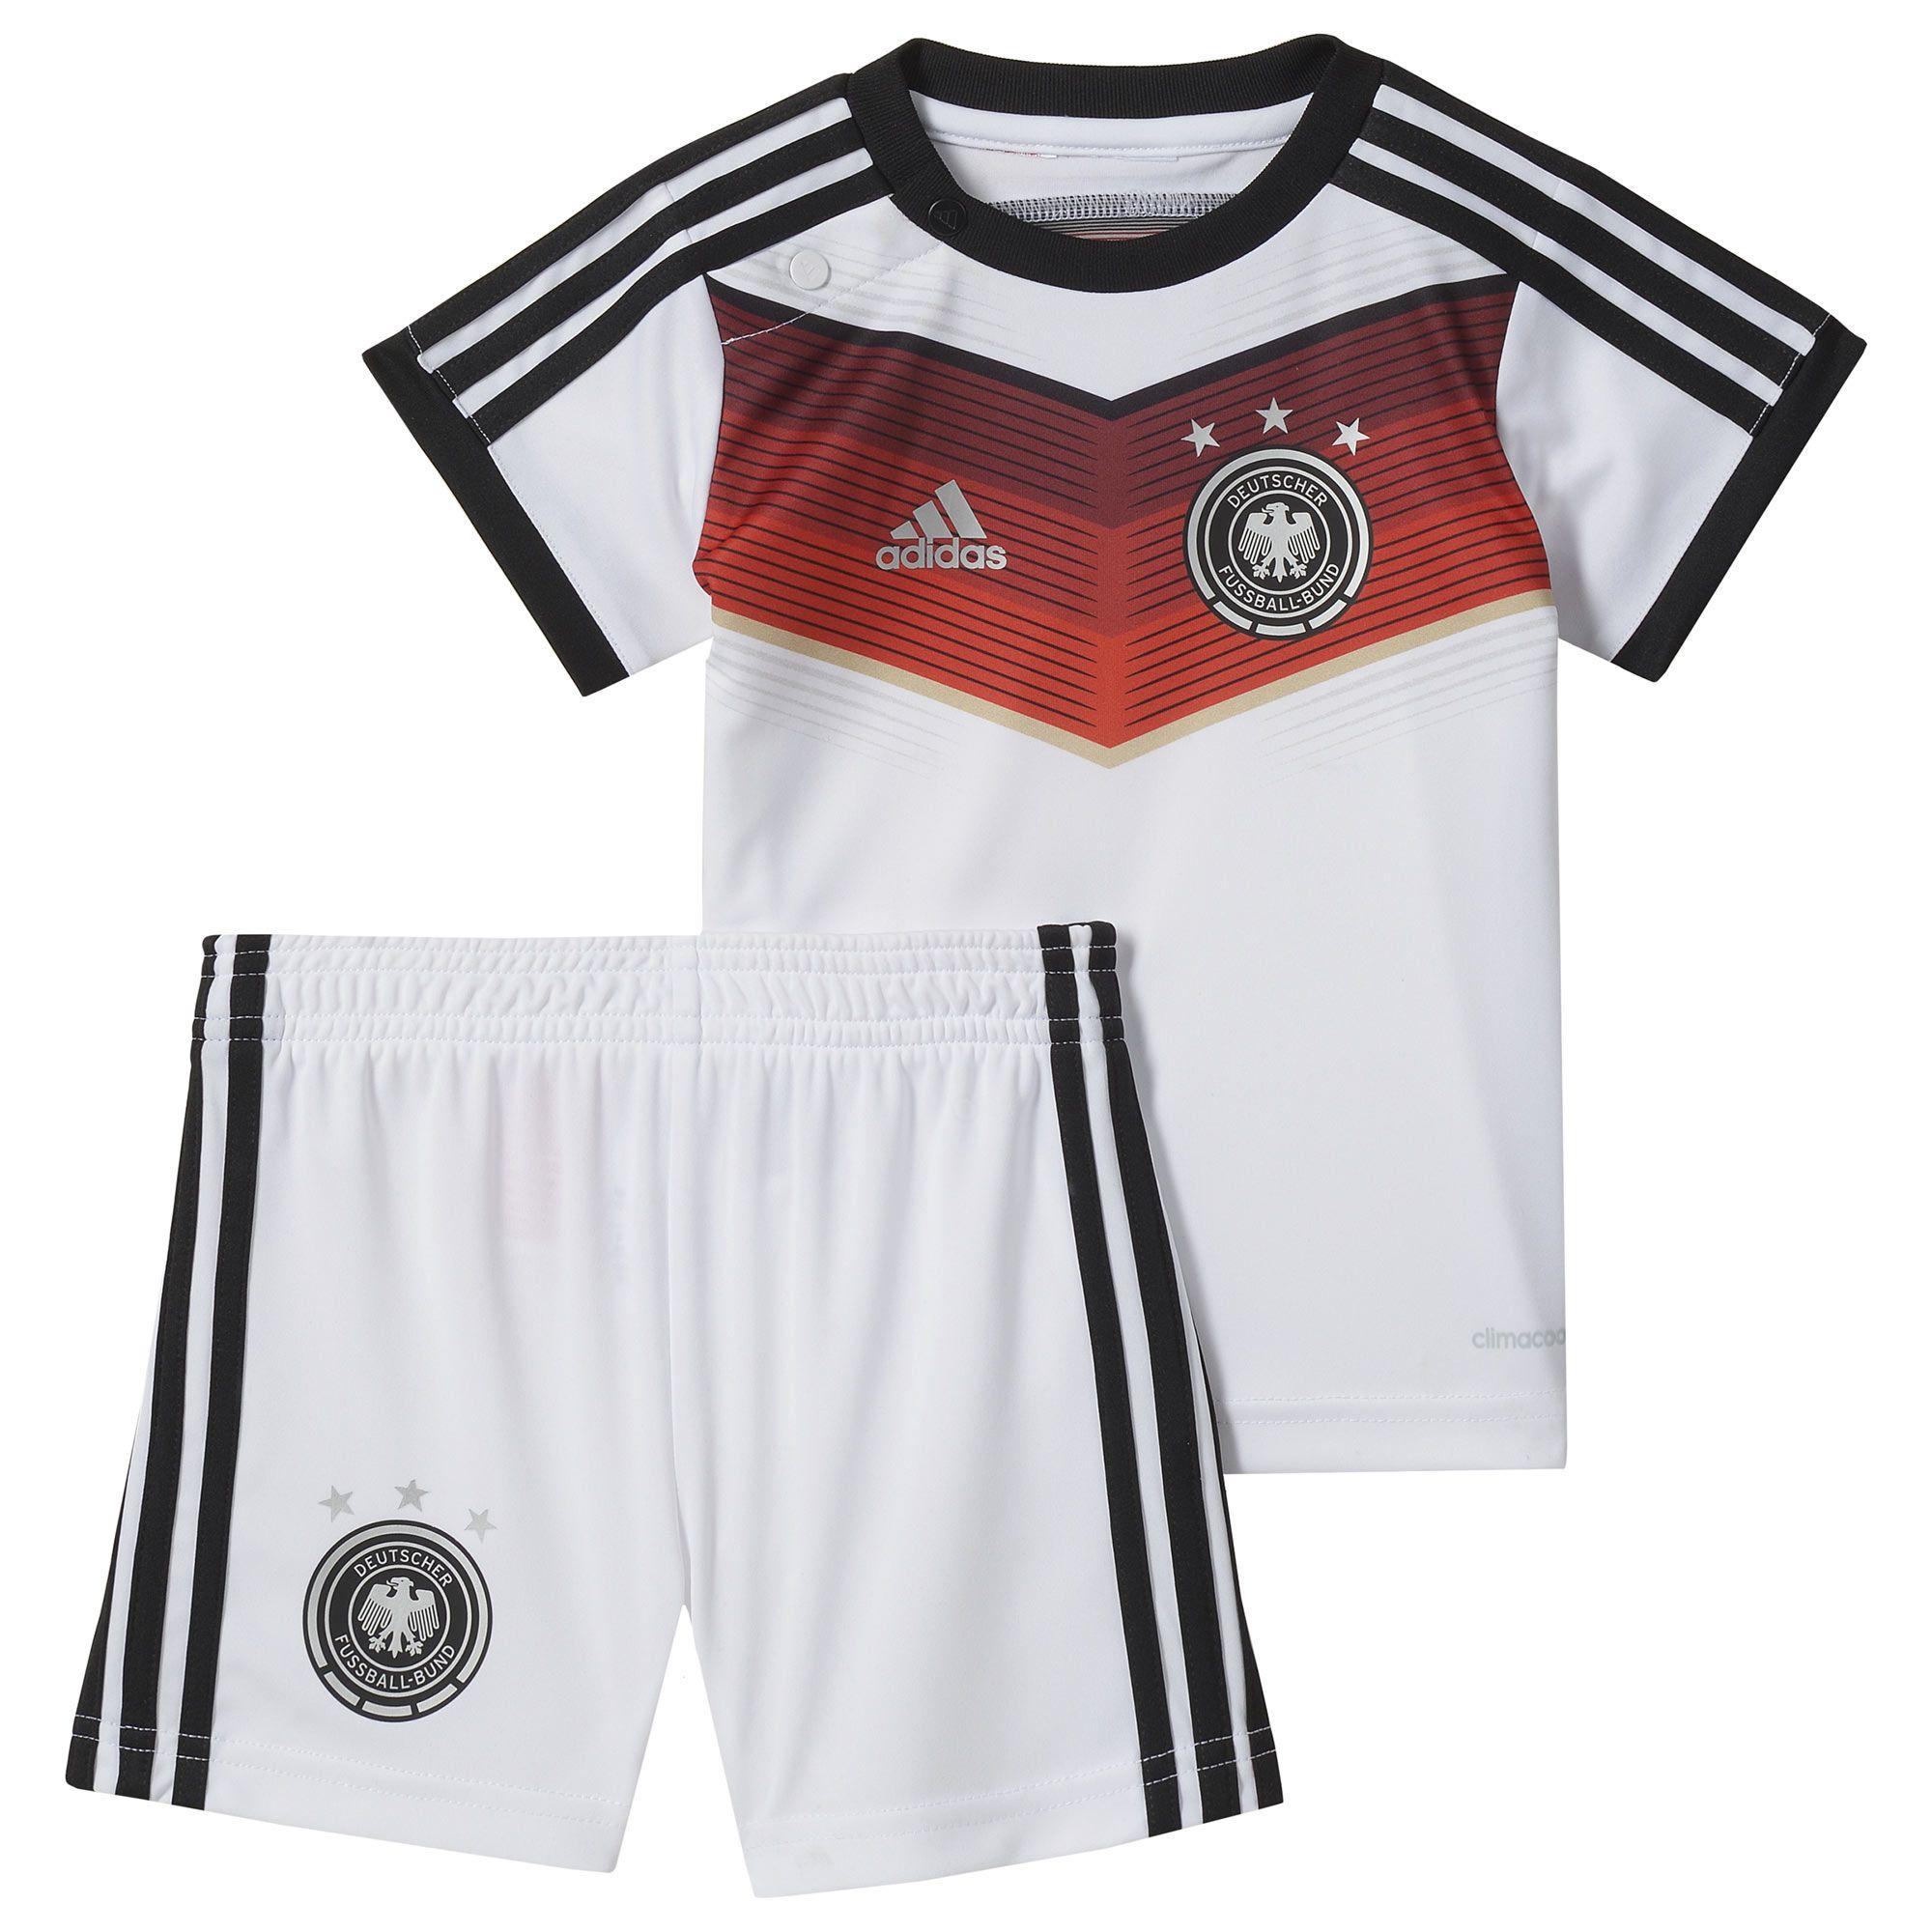 adidas Kinder Deutschland Mini Heimausrüstung www